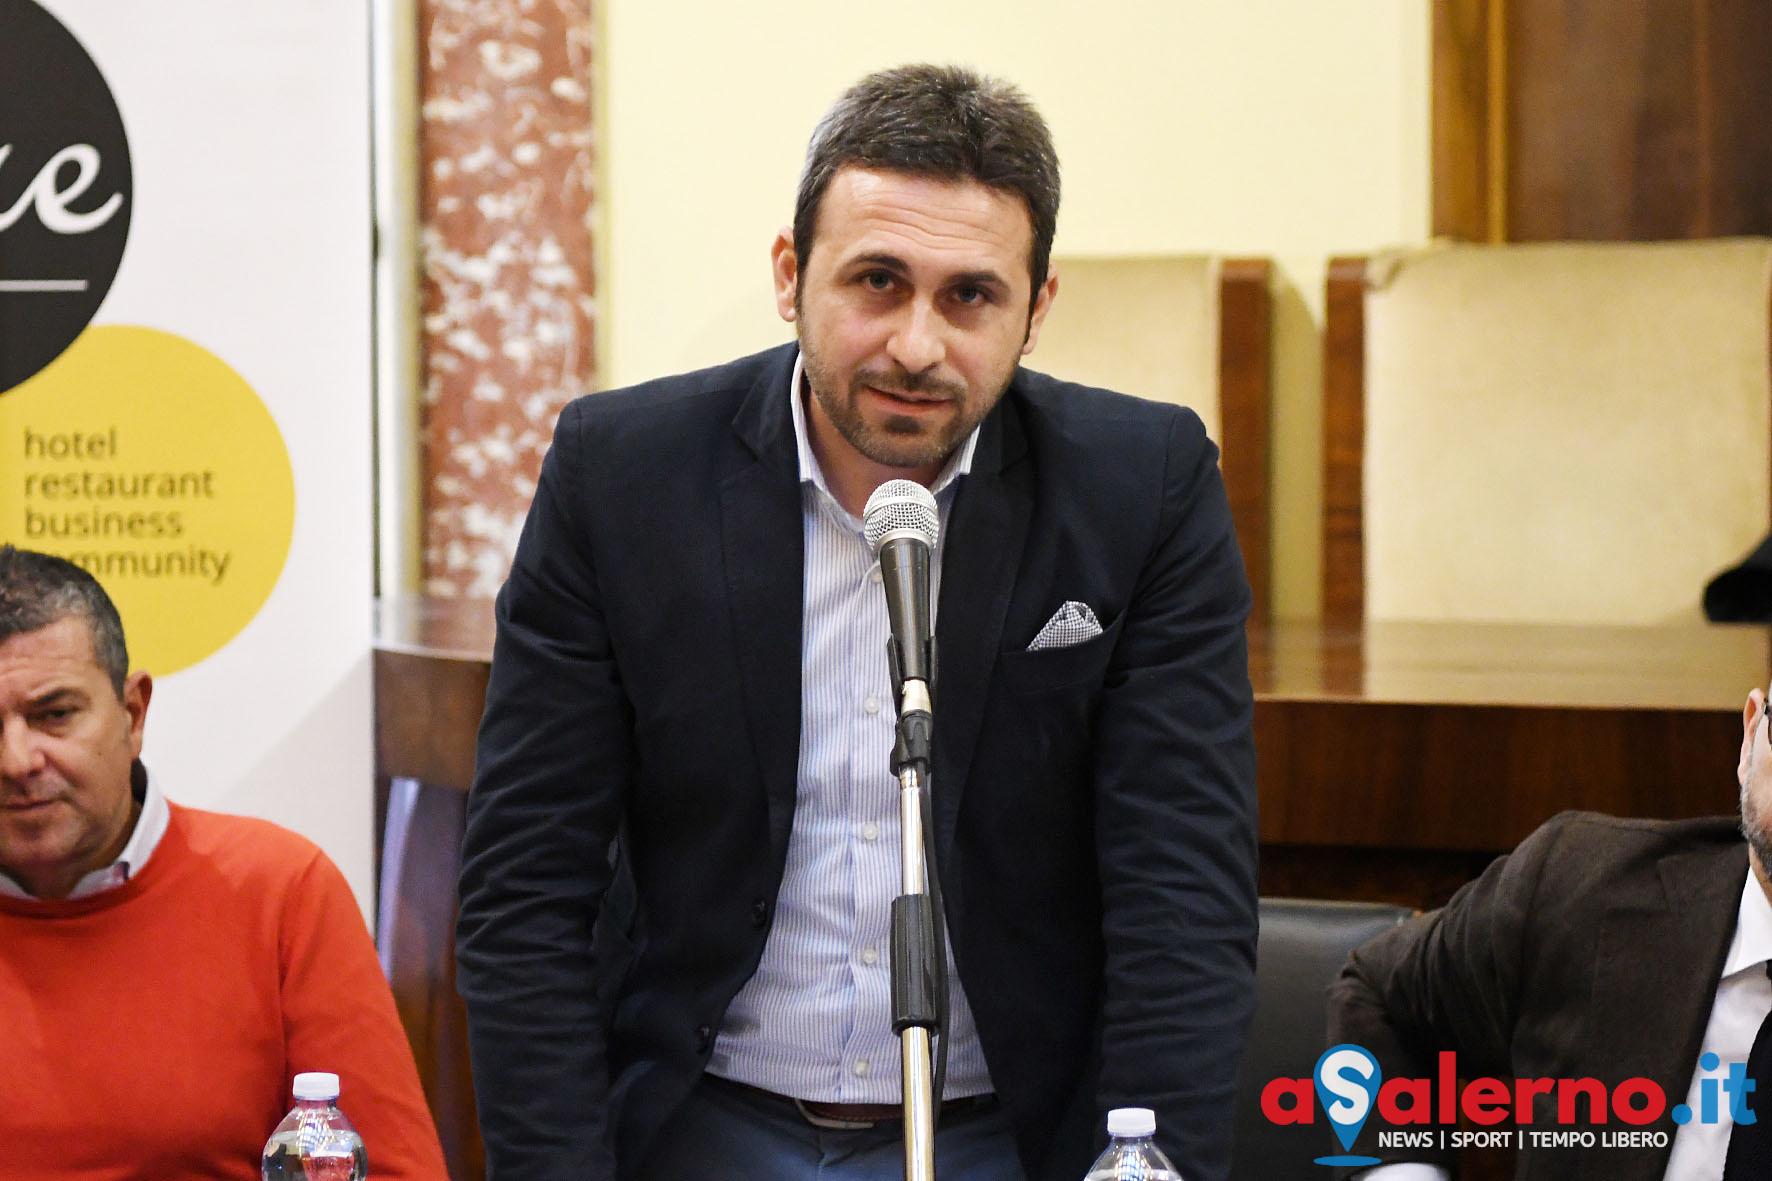 Salerno Comune. Conferenza stampa manifestazione Horeca